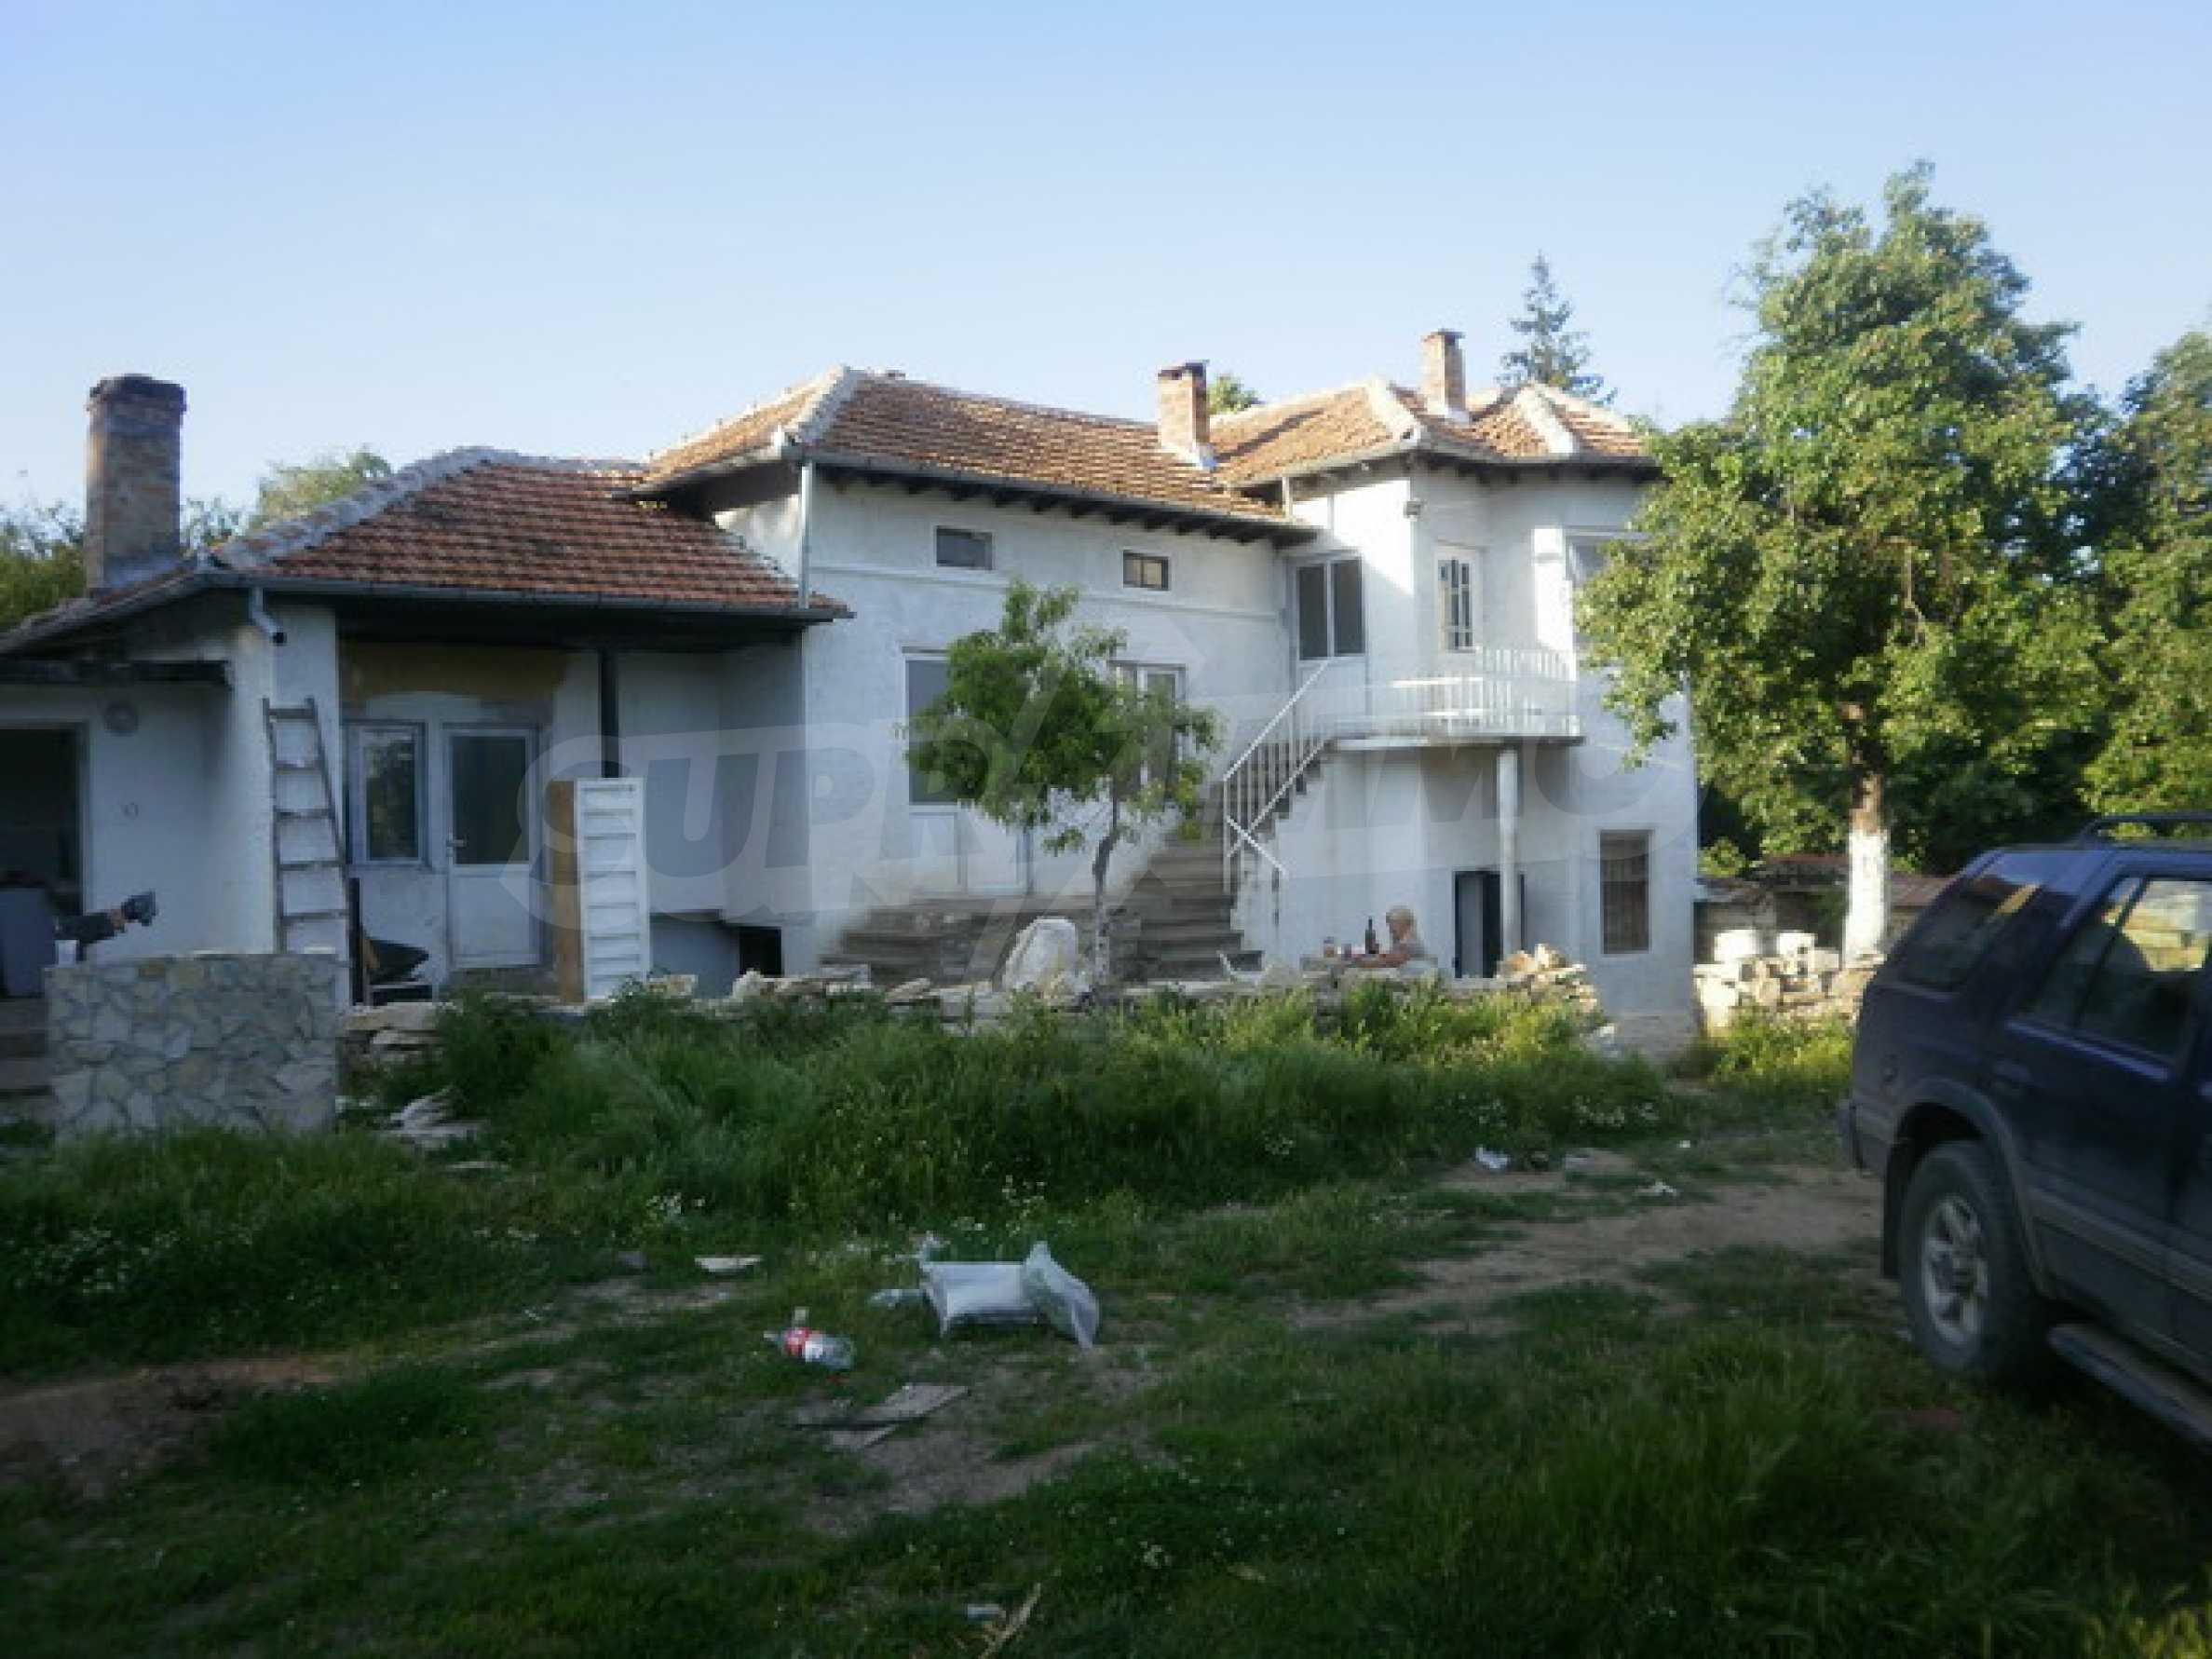 Хубава селска къща с двор и потнциал за развитие 5